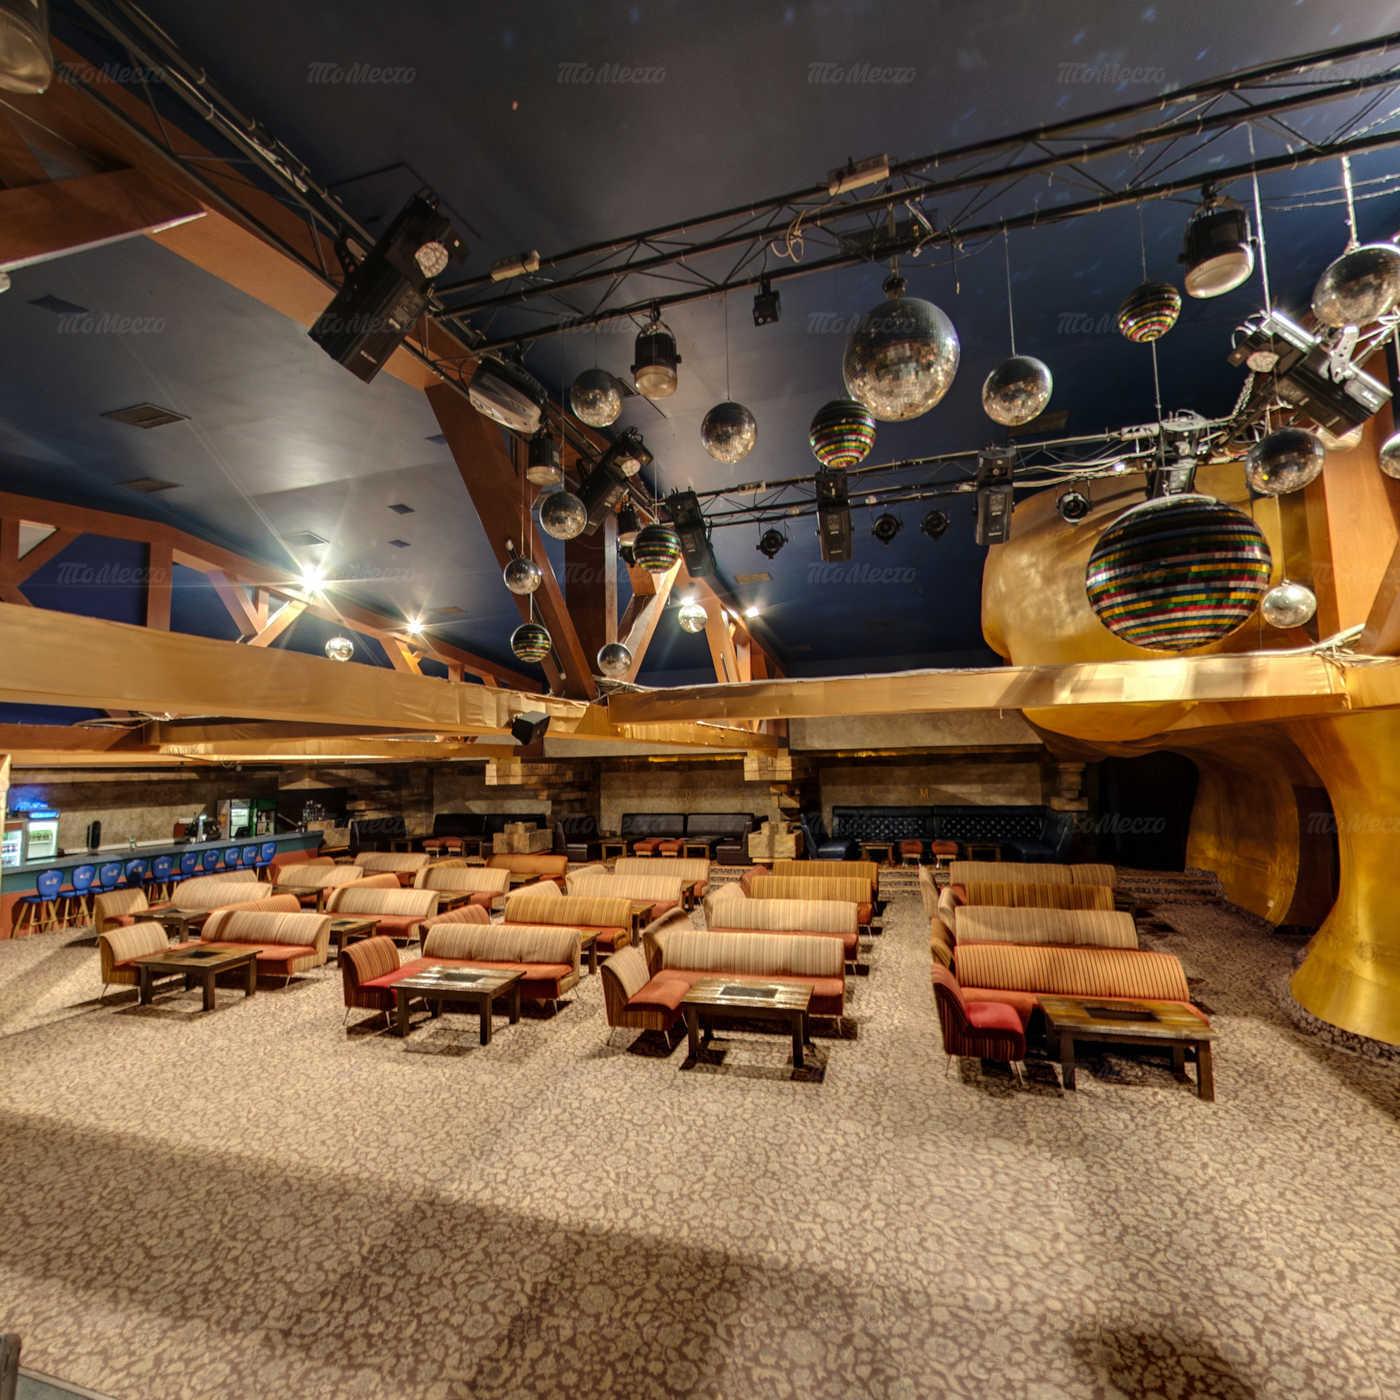 Ночной клуб все свои екатеринбург афиша клубы воронежа список и цены ночные 2020